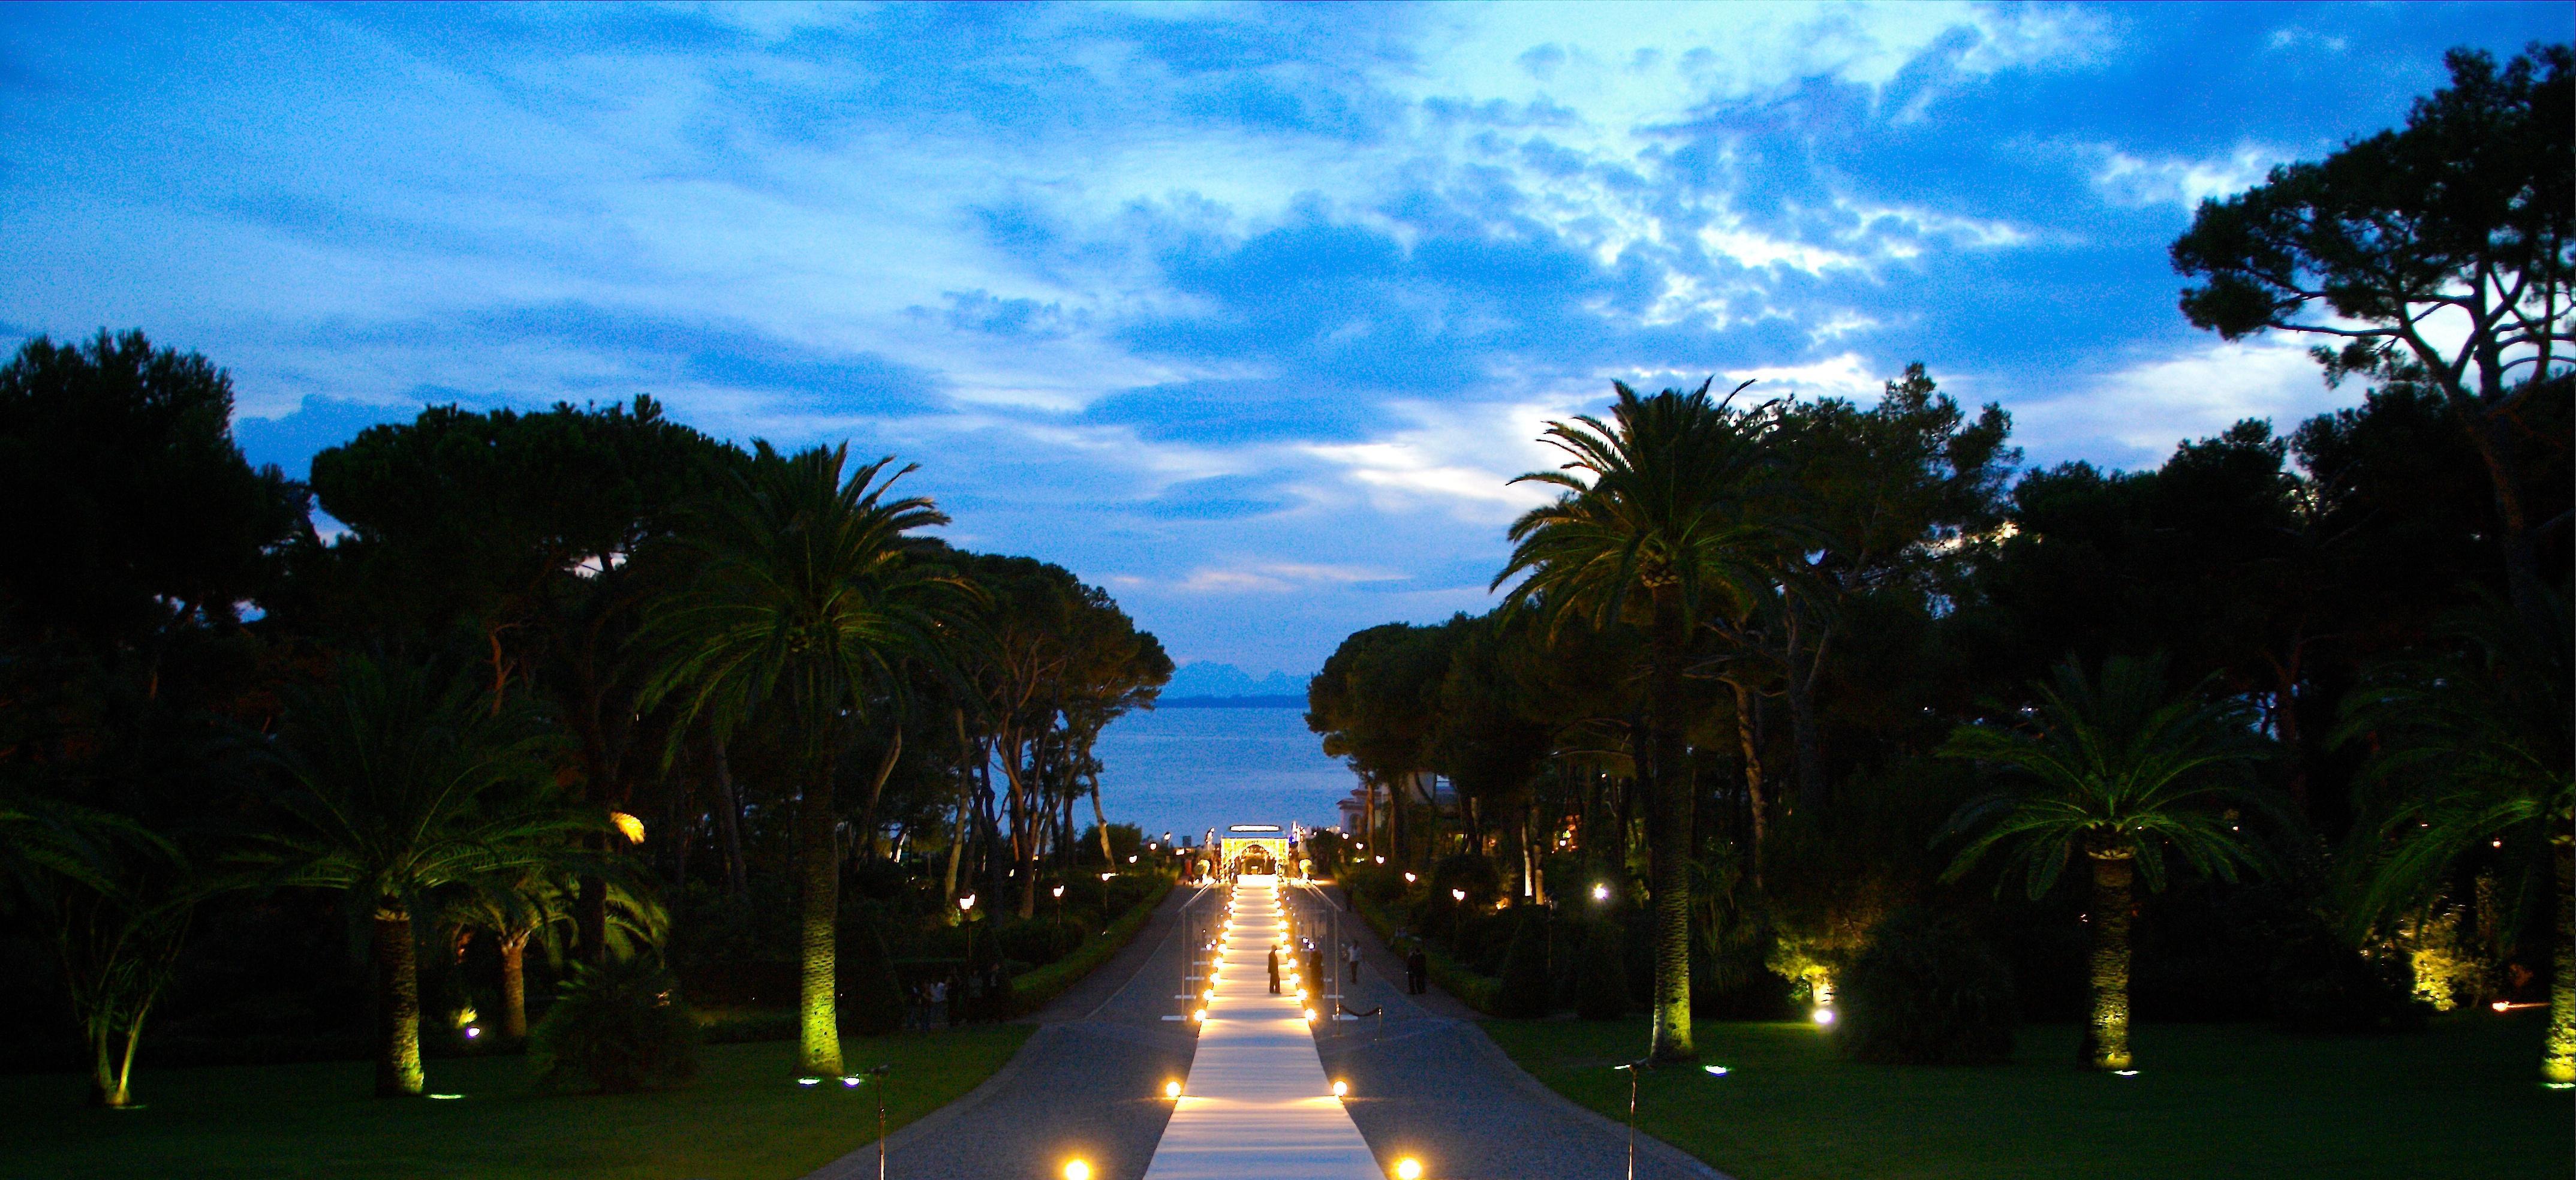 mariage de dana mazen leden roc le 03 septembre 2007 cap - Palm Beach Cannes Mariage